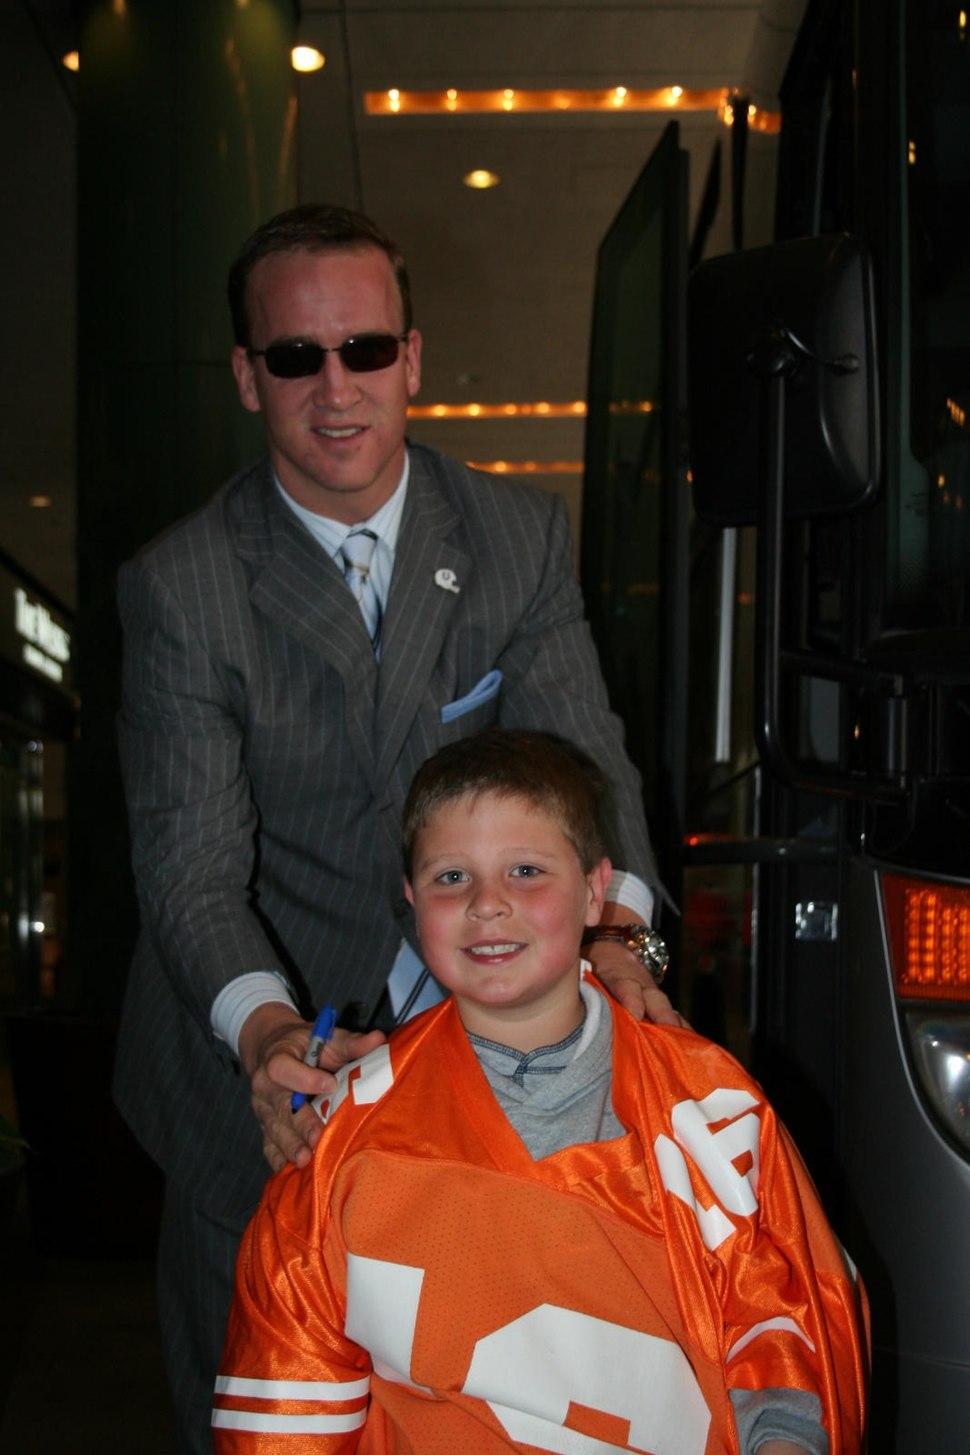 Peyton Manning in suit